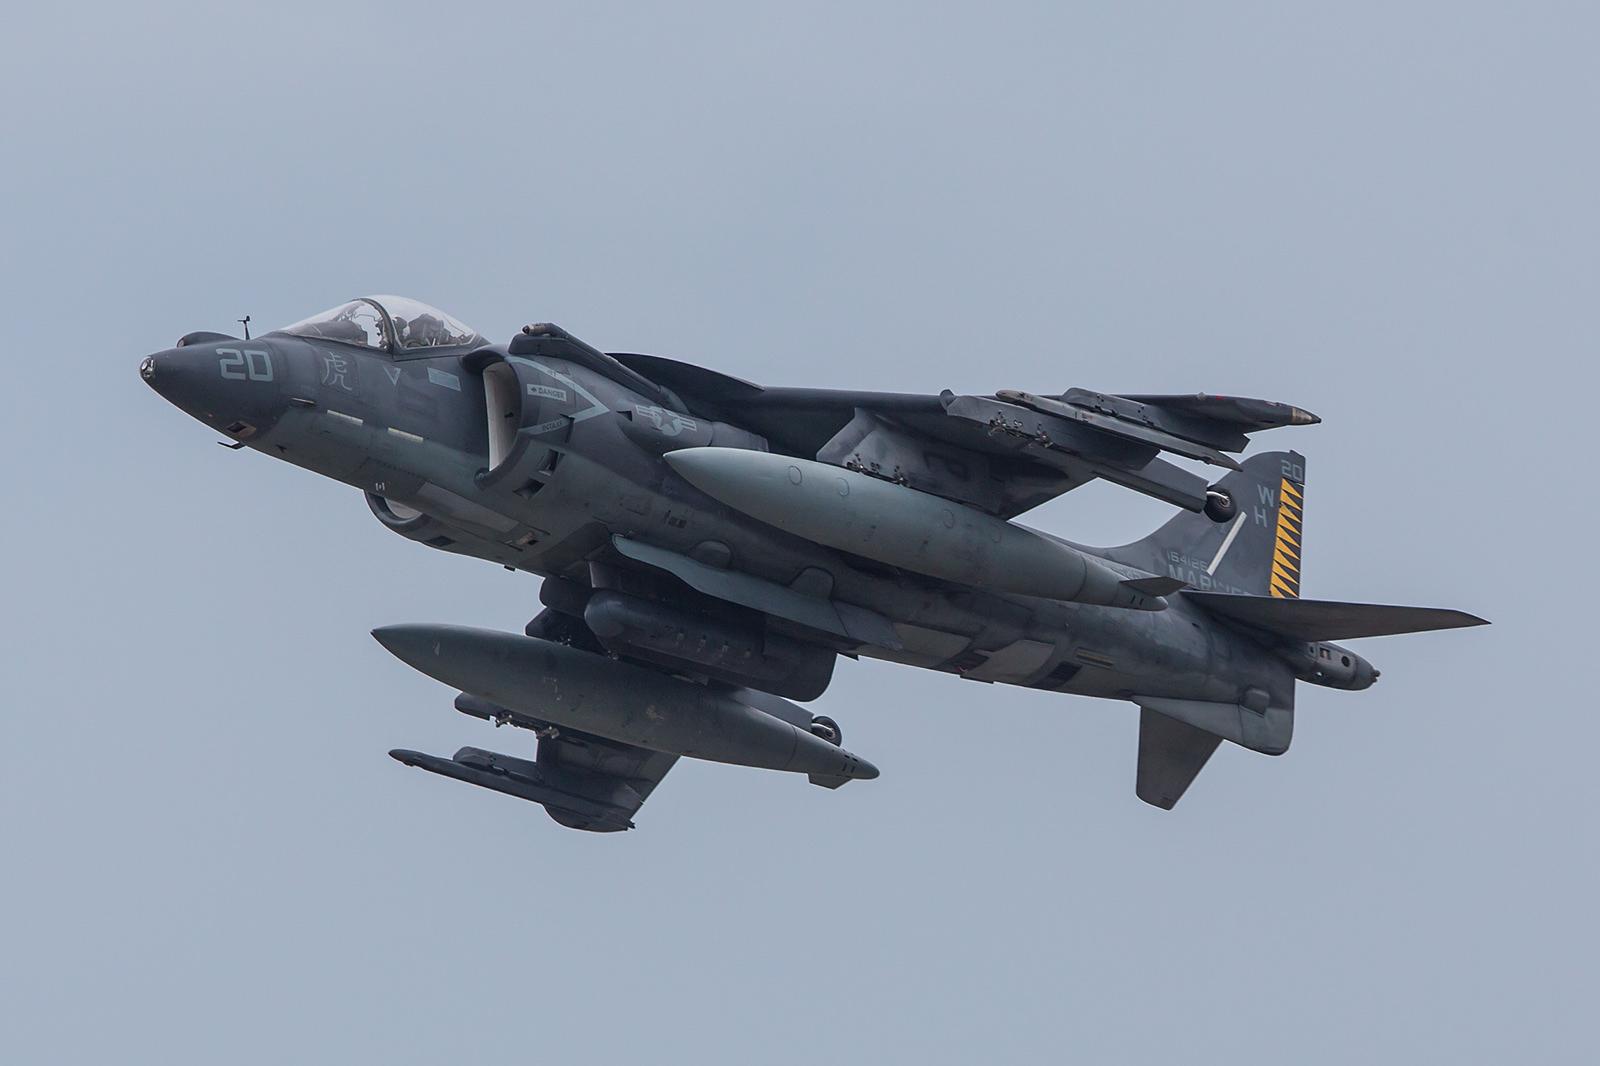 Auch einige AV-8B Harrier aus Cherry Point, North Carolina waren vor Ort.